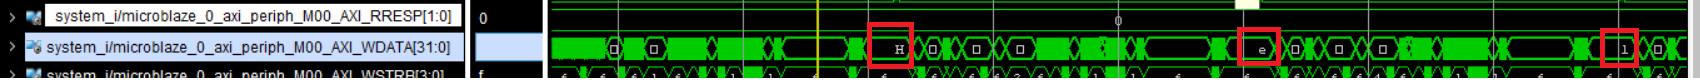 ECO Flow в Vivado или работа в режиме редактирования нетлиста - 80